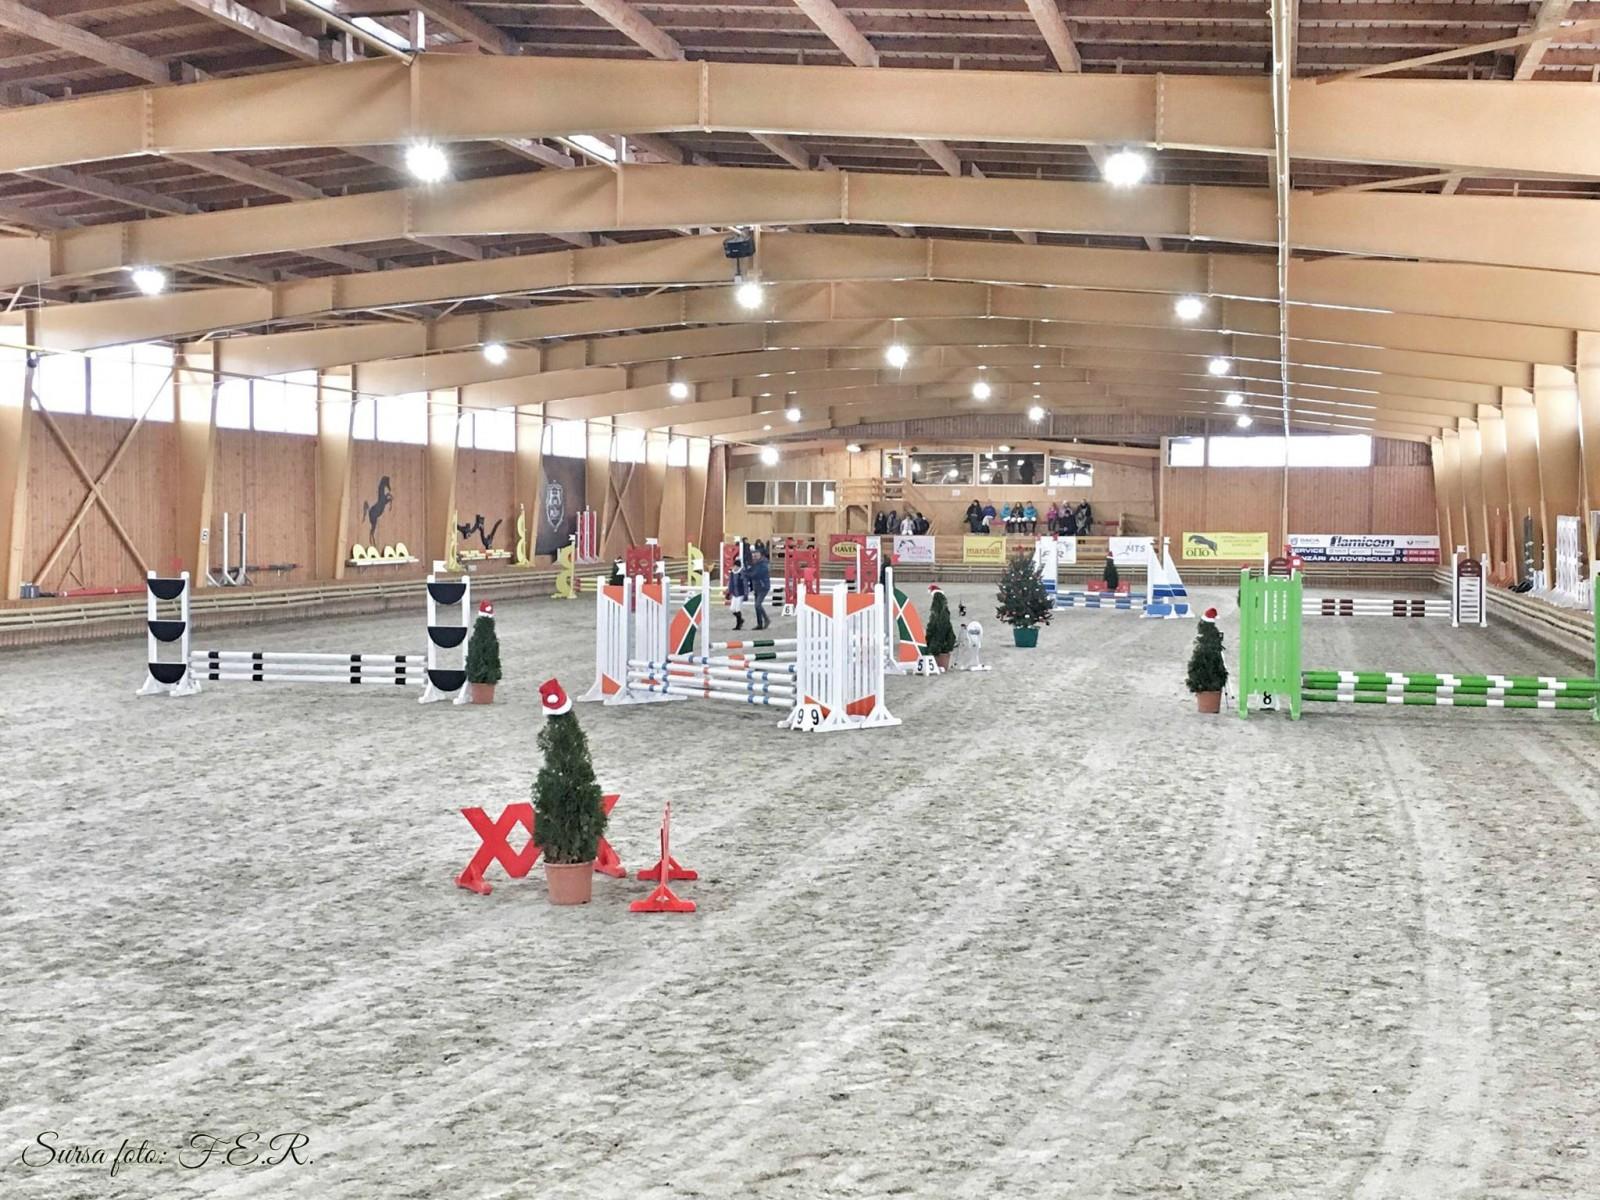 Circuit de Sărituri peste Obstacole în Sală, Etapa a IV-a, 03-05 februarie, Prejmer